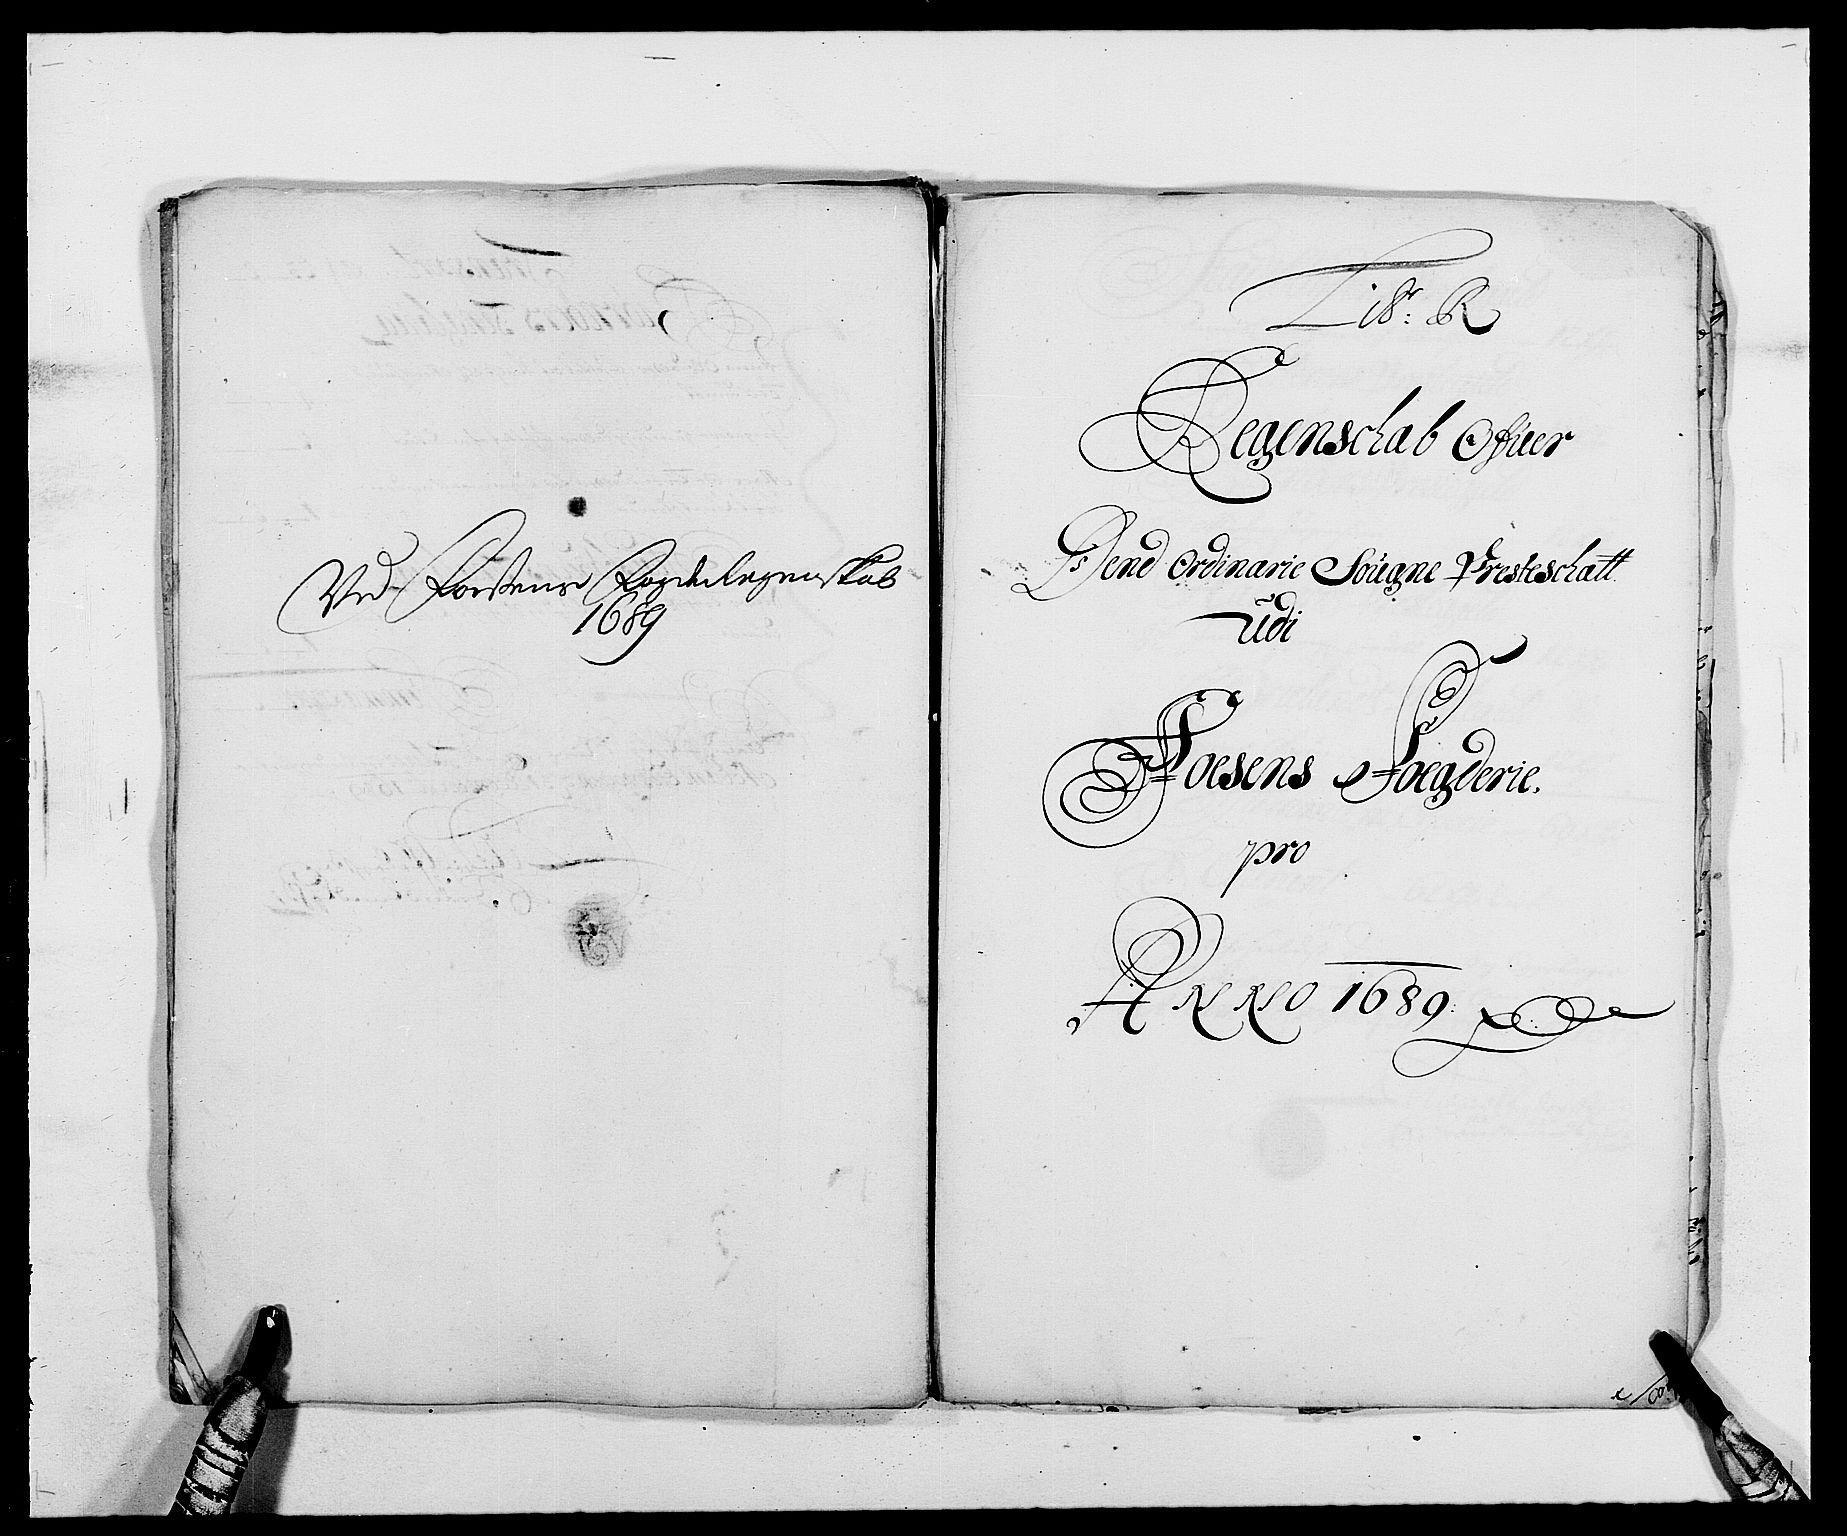 RA, Rentekammeret inntil 1814, Reviderte regnskaper, Fogderegnskap, R57/L3847: Fogderegnskap Fosen, 1689, s. 138